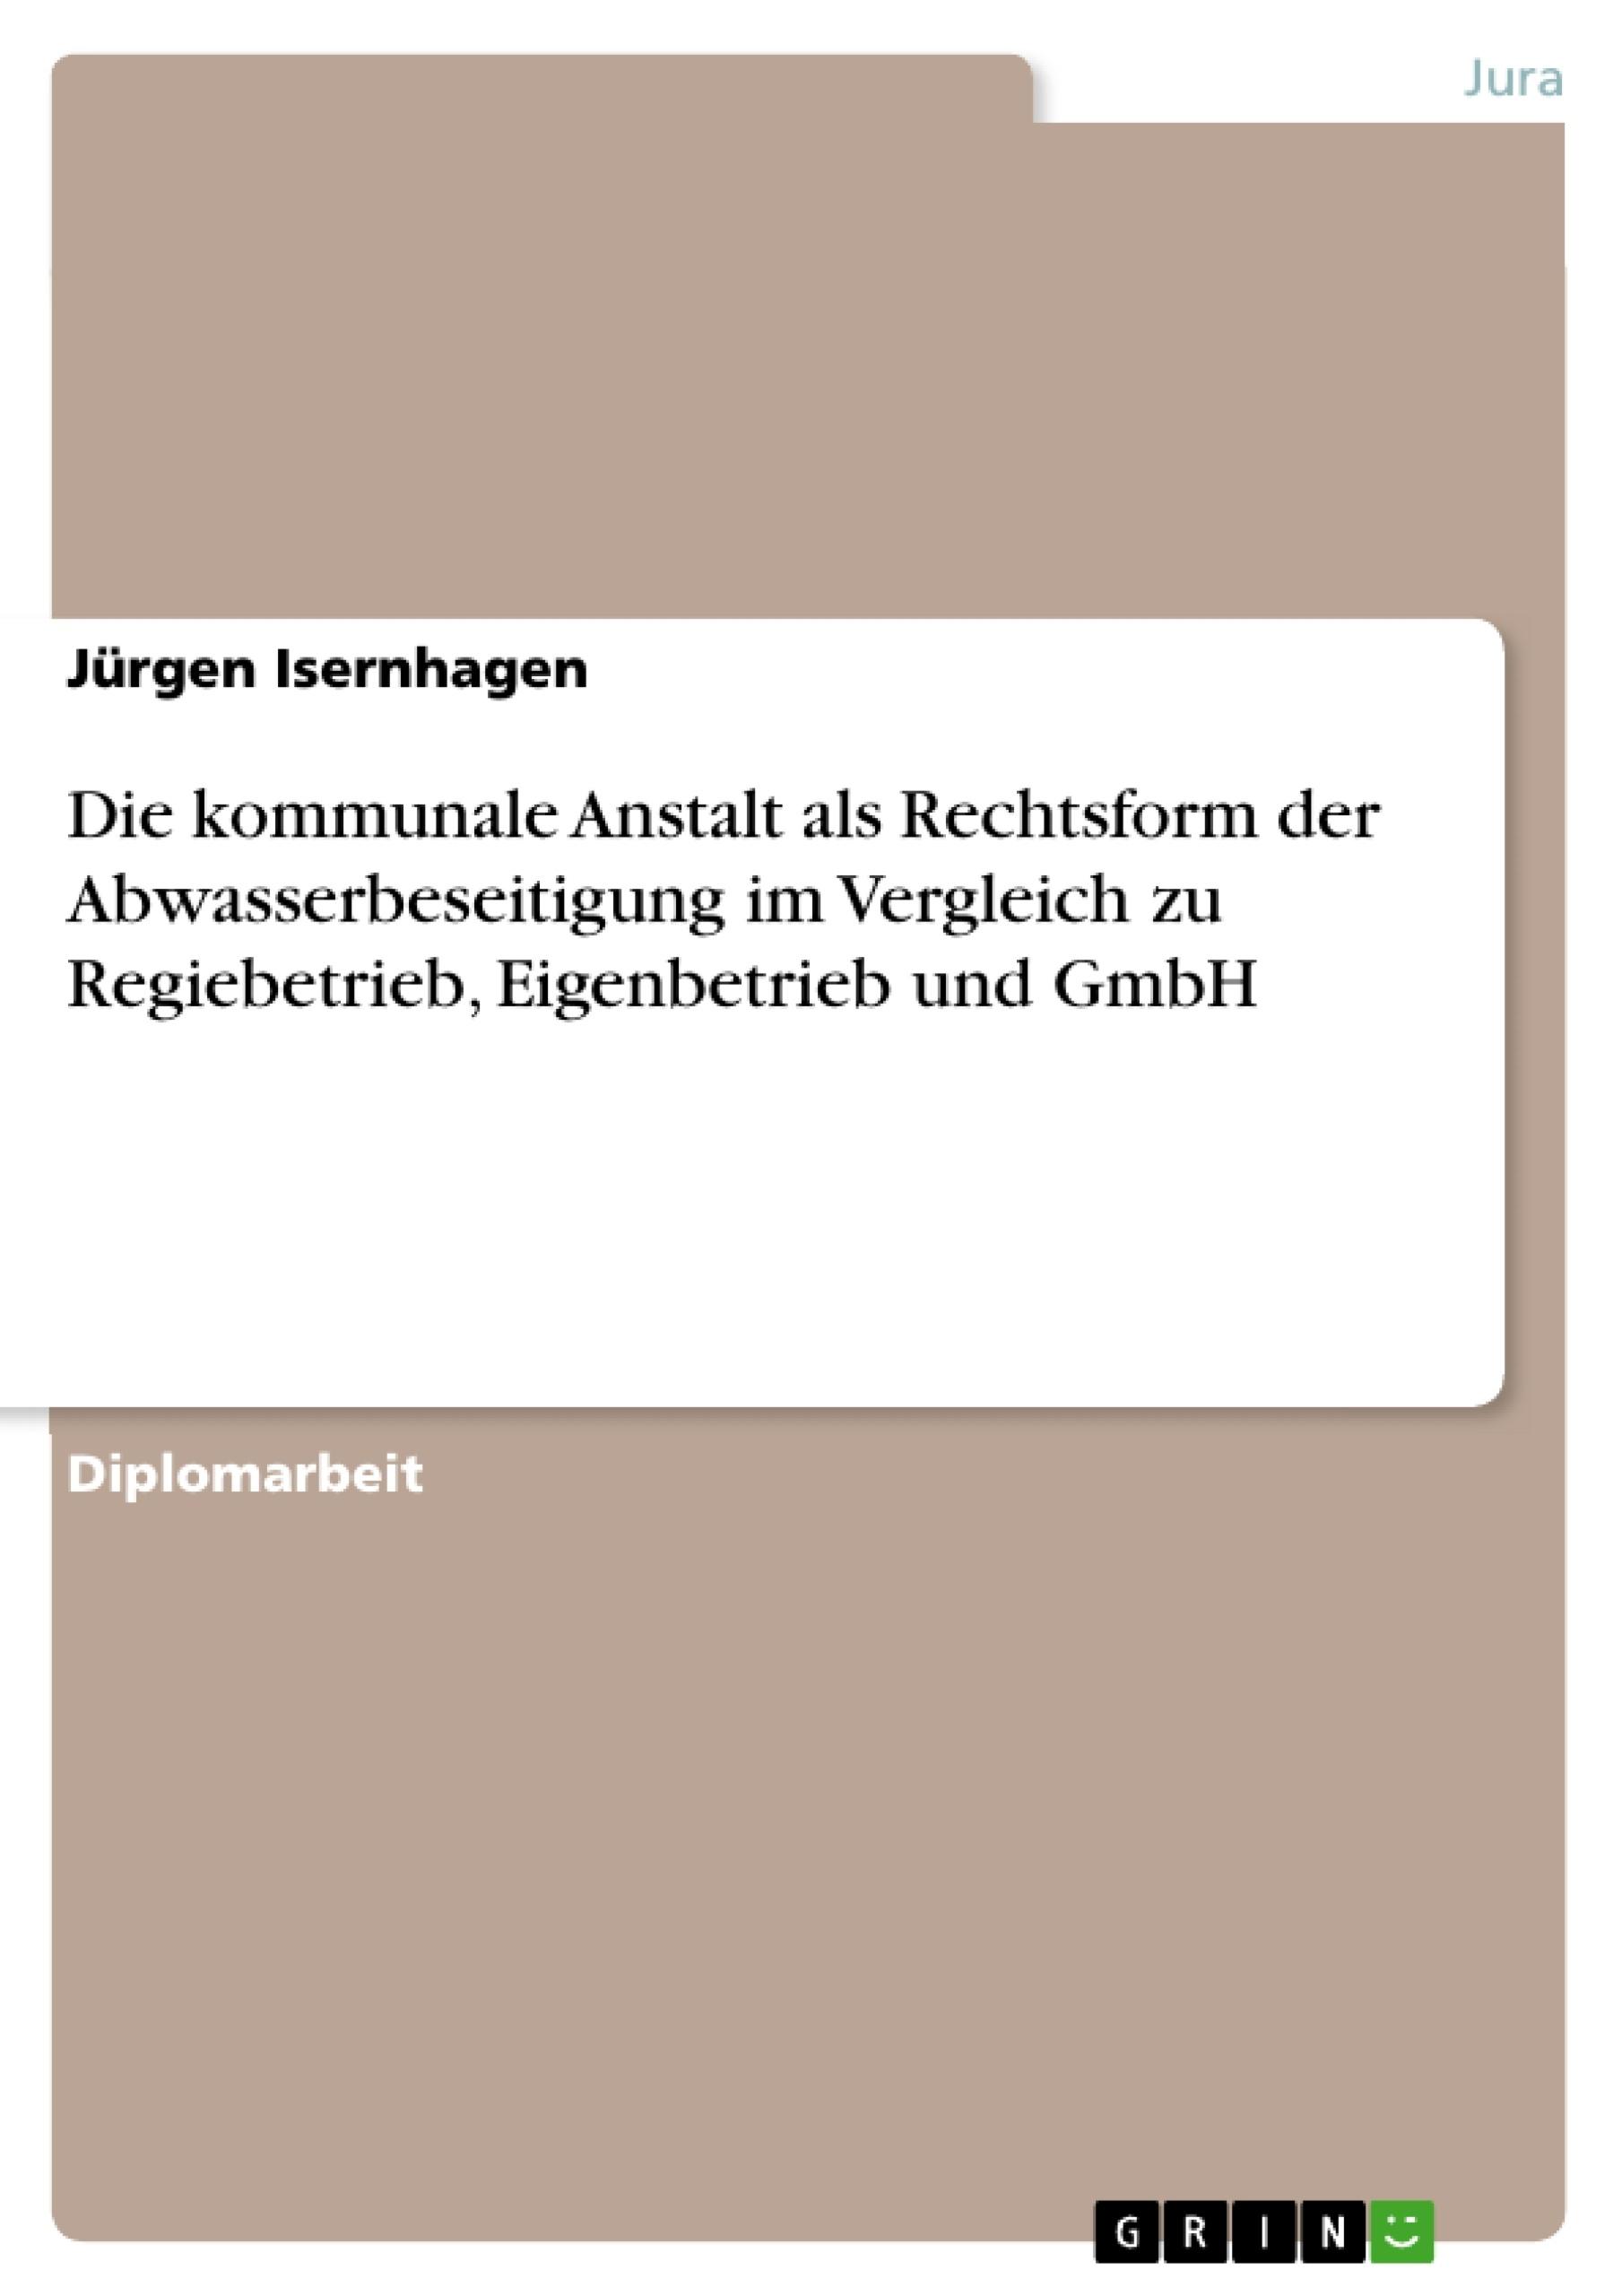 Titel: Die kommunale Anstalt als Rechtsform der Abwasserbeseitigung im Vergleich zu Regiebetrieb, Eigenbetrieb und GmbH